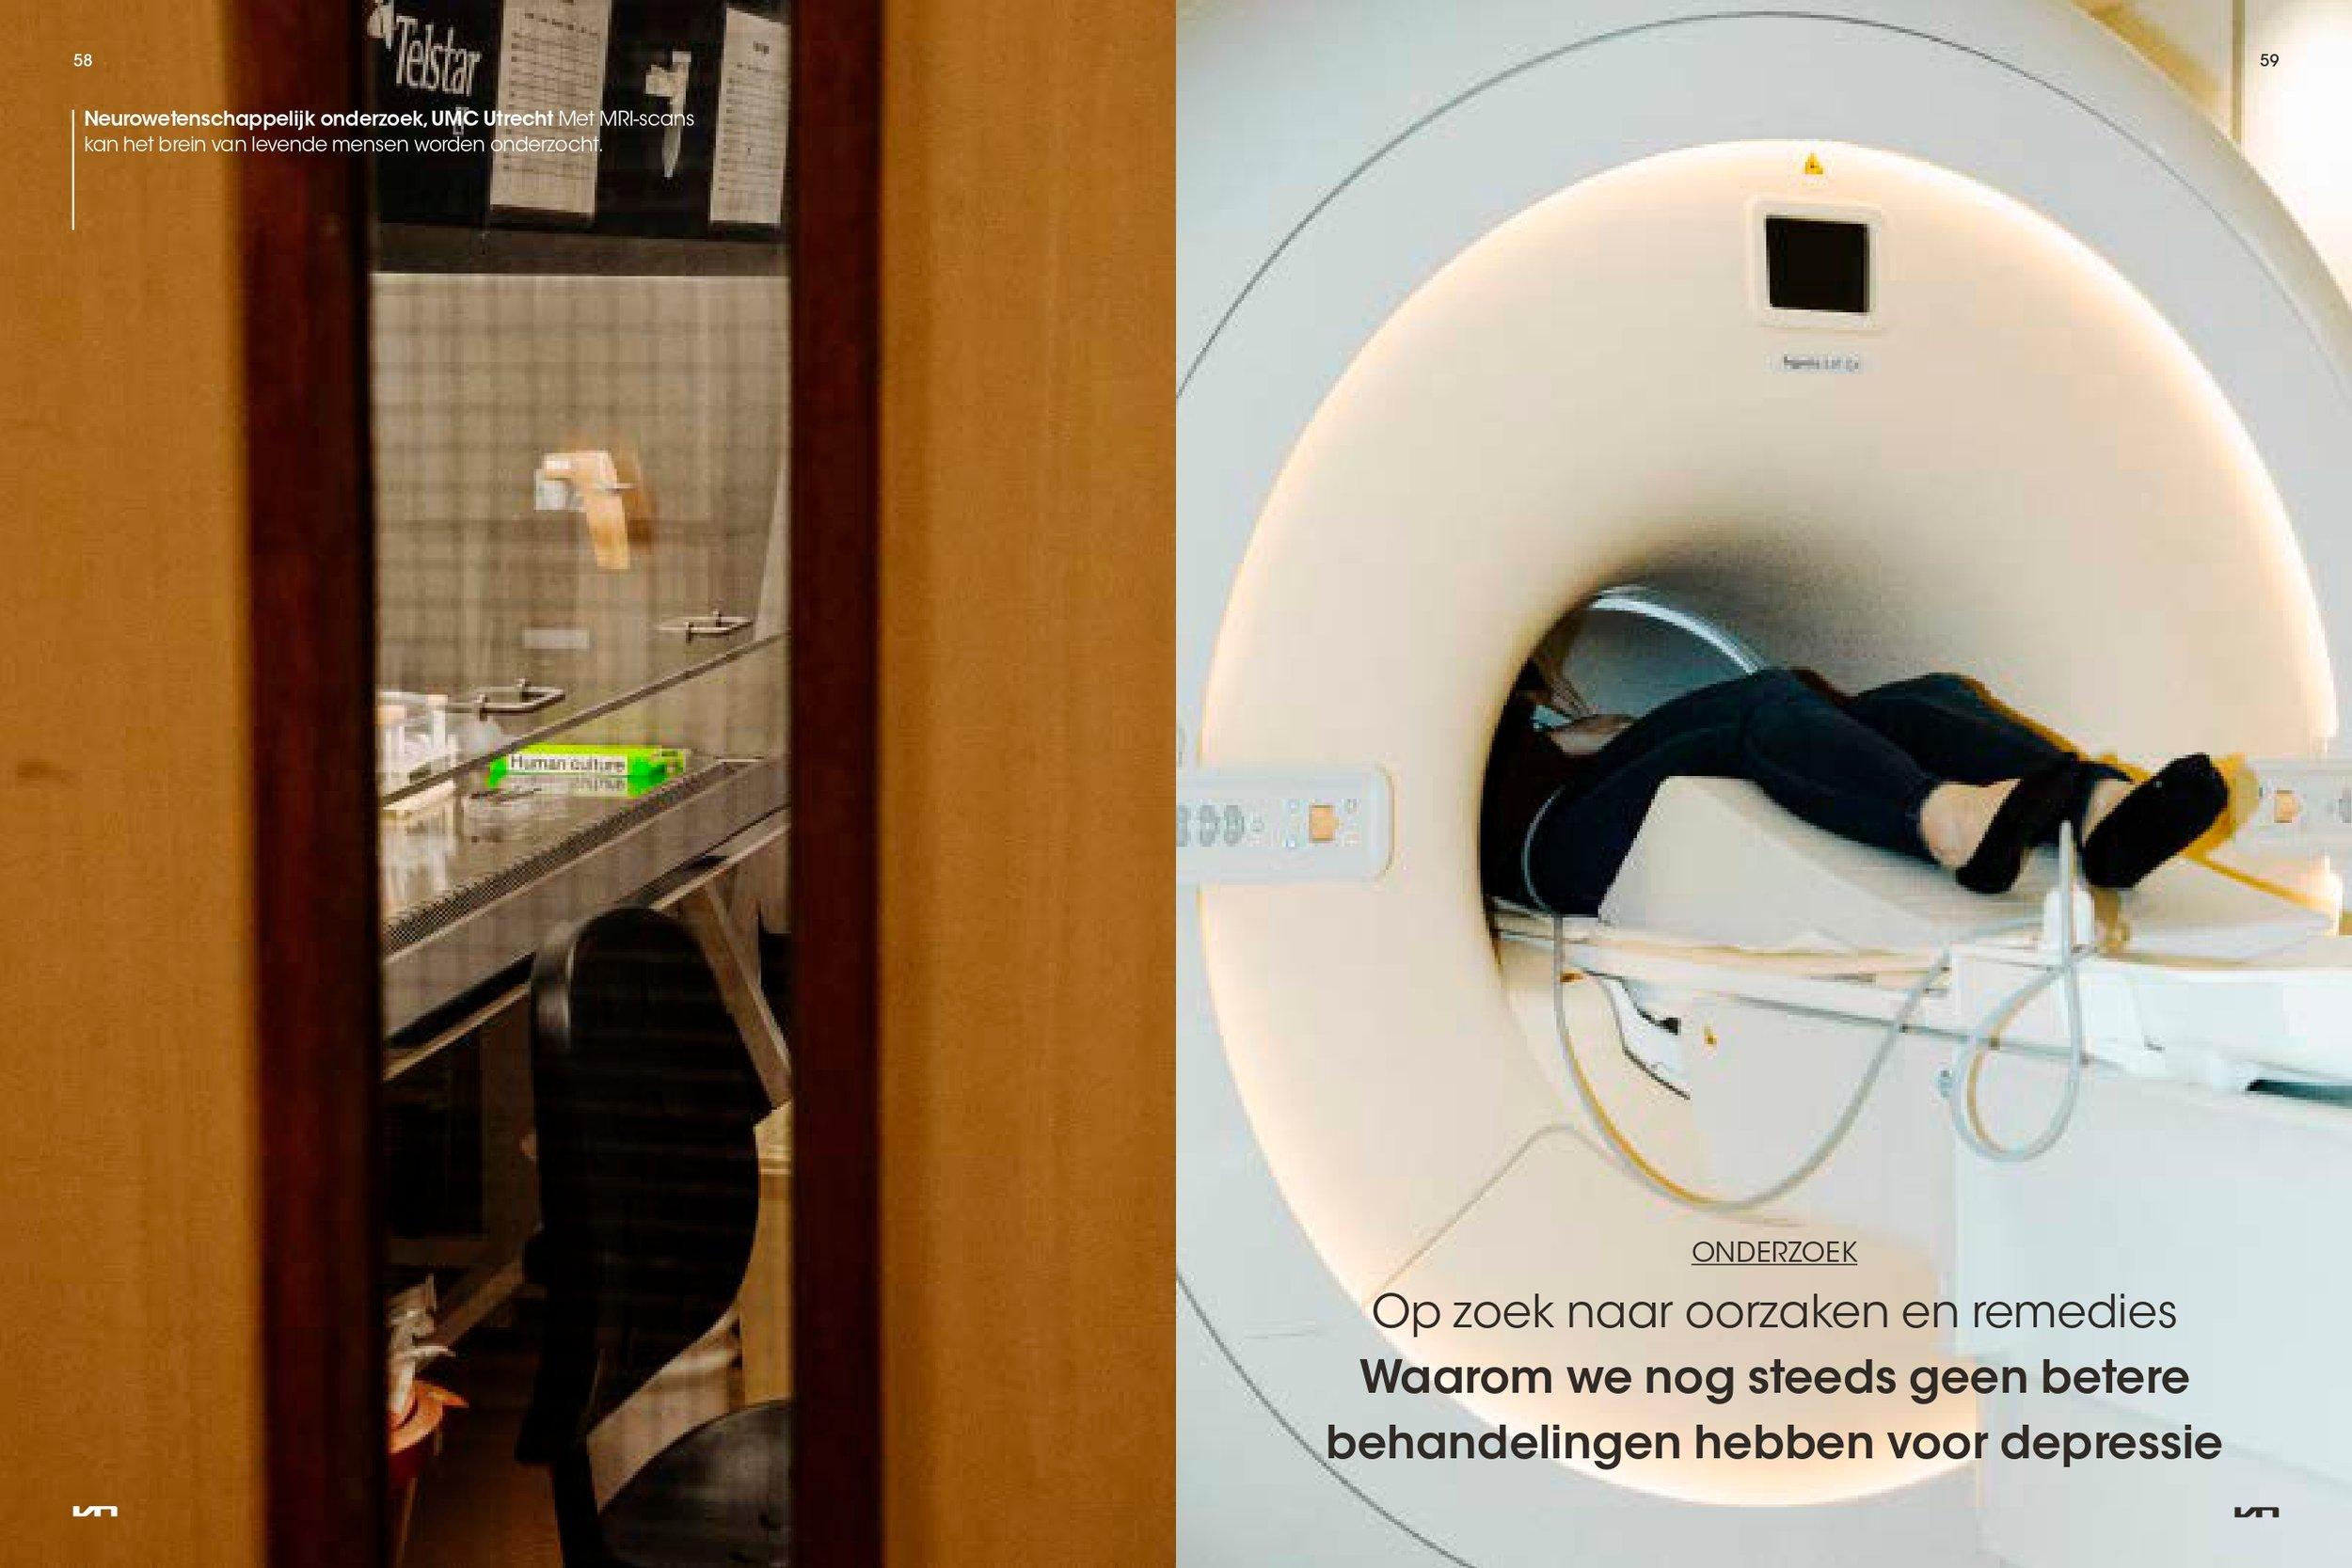 Vrij Nederland - Waarom we geen betere behandeling voor depressie hebben_page-0001.jpg